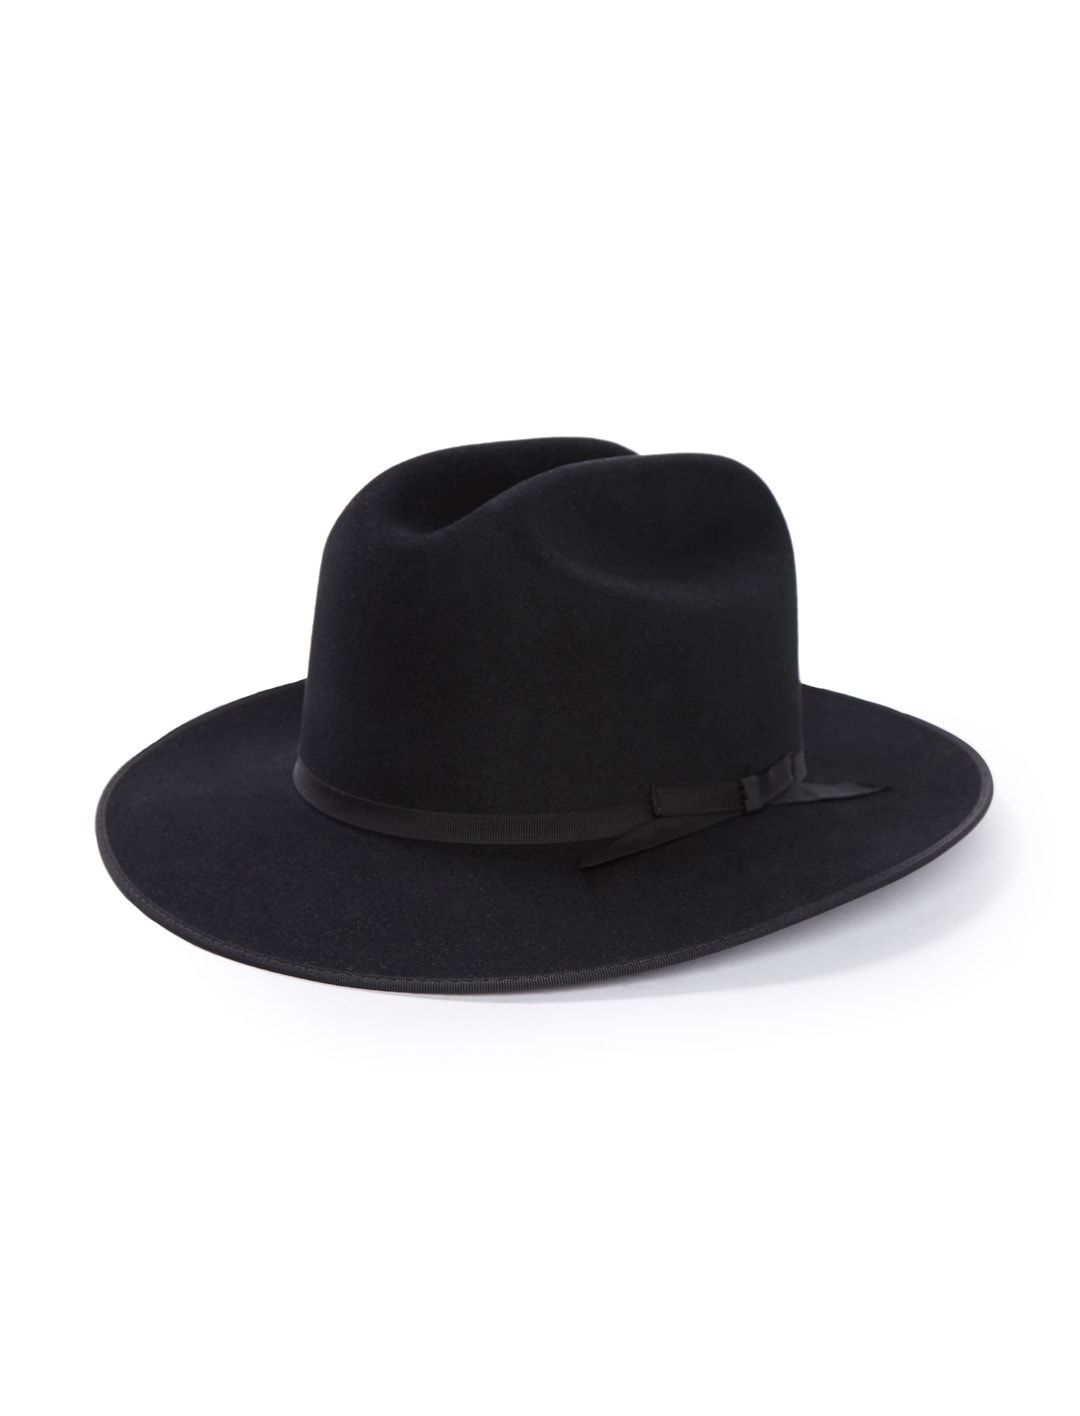 6f51e92e449b1 Open Road 6X Cowboy Hat